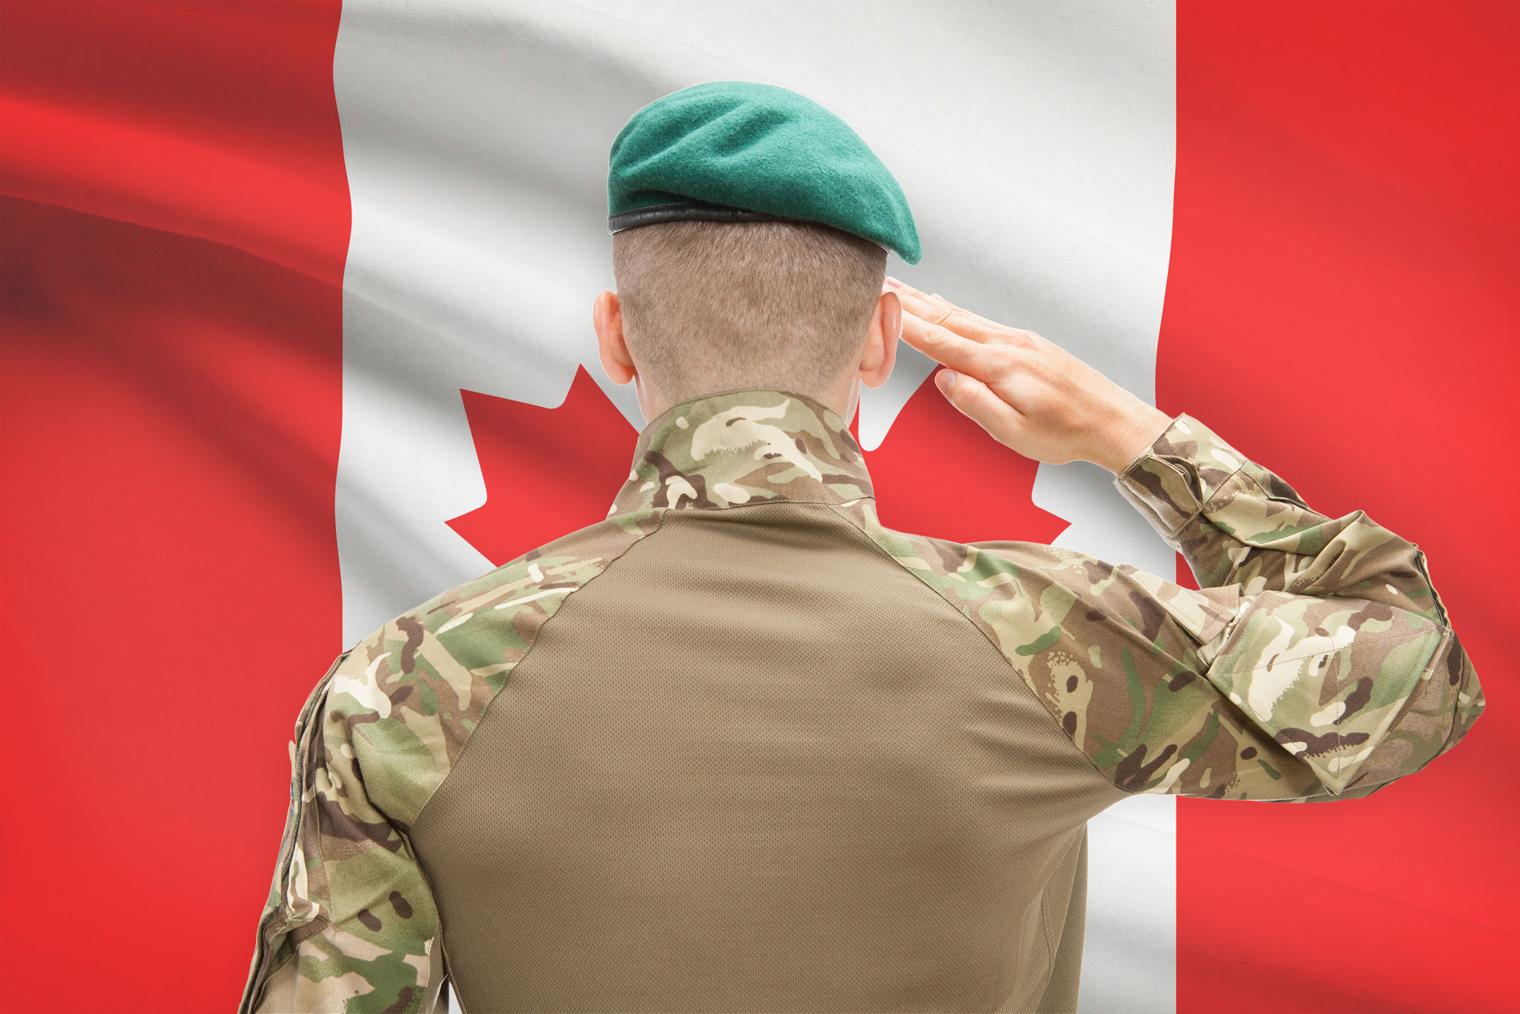 Physiothérapie dans l'armée